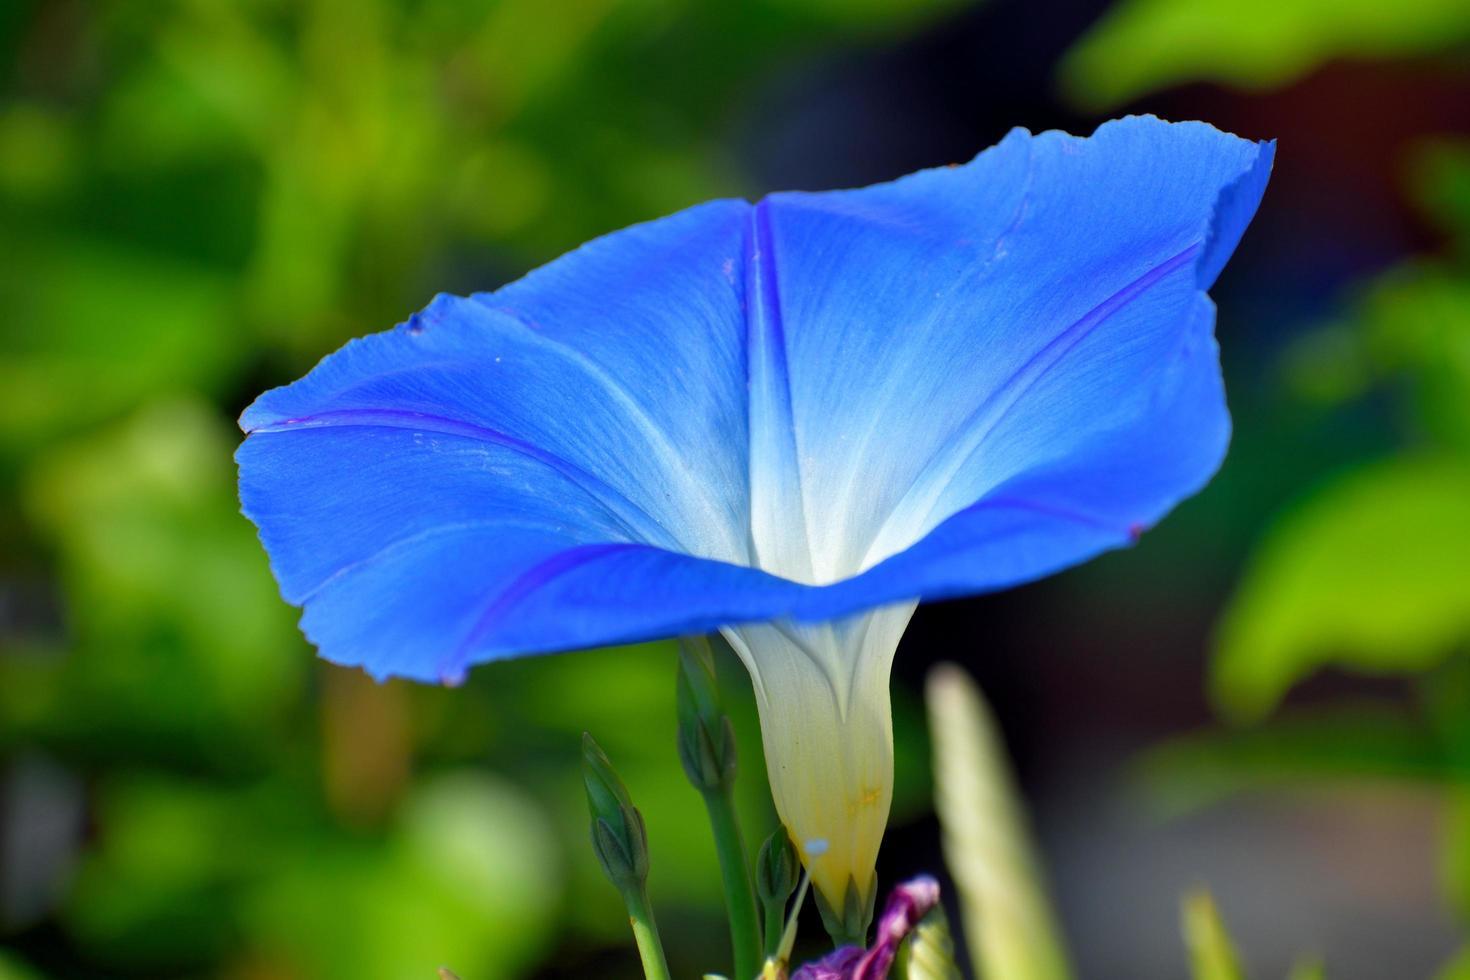 flor azul vibrante foto